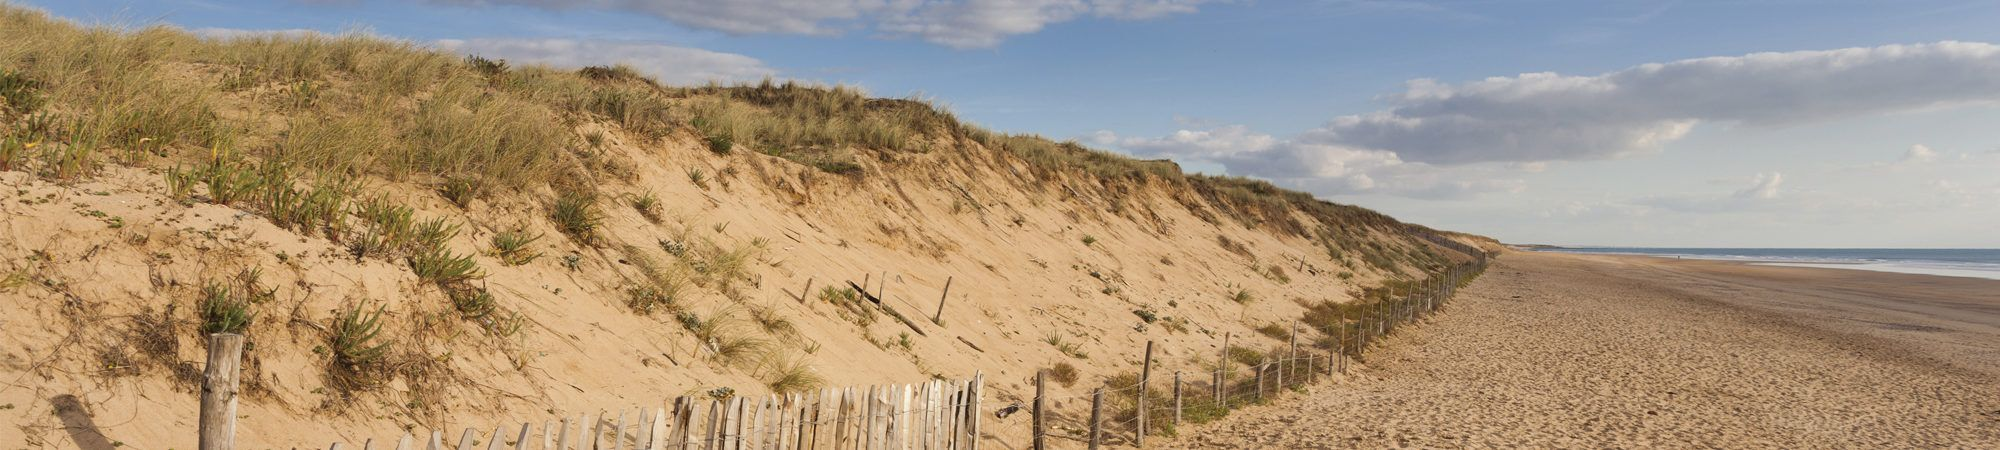 Bandeau de la page 'Les dunes